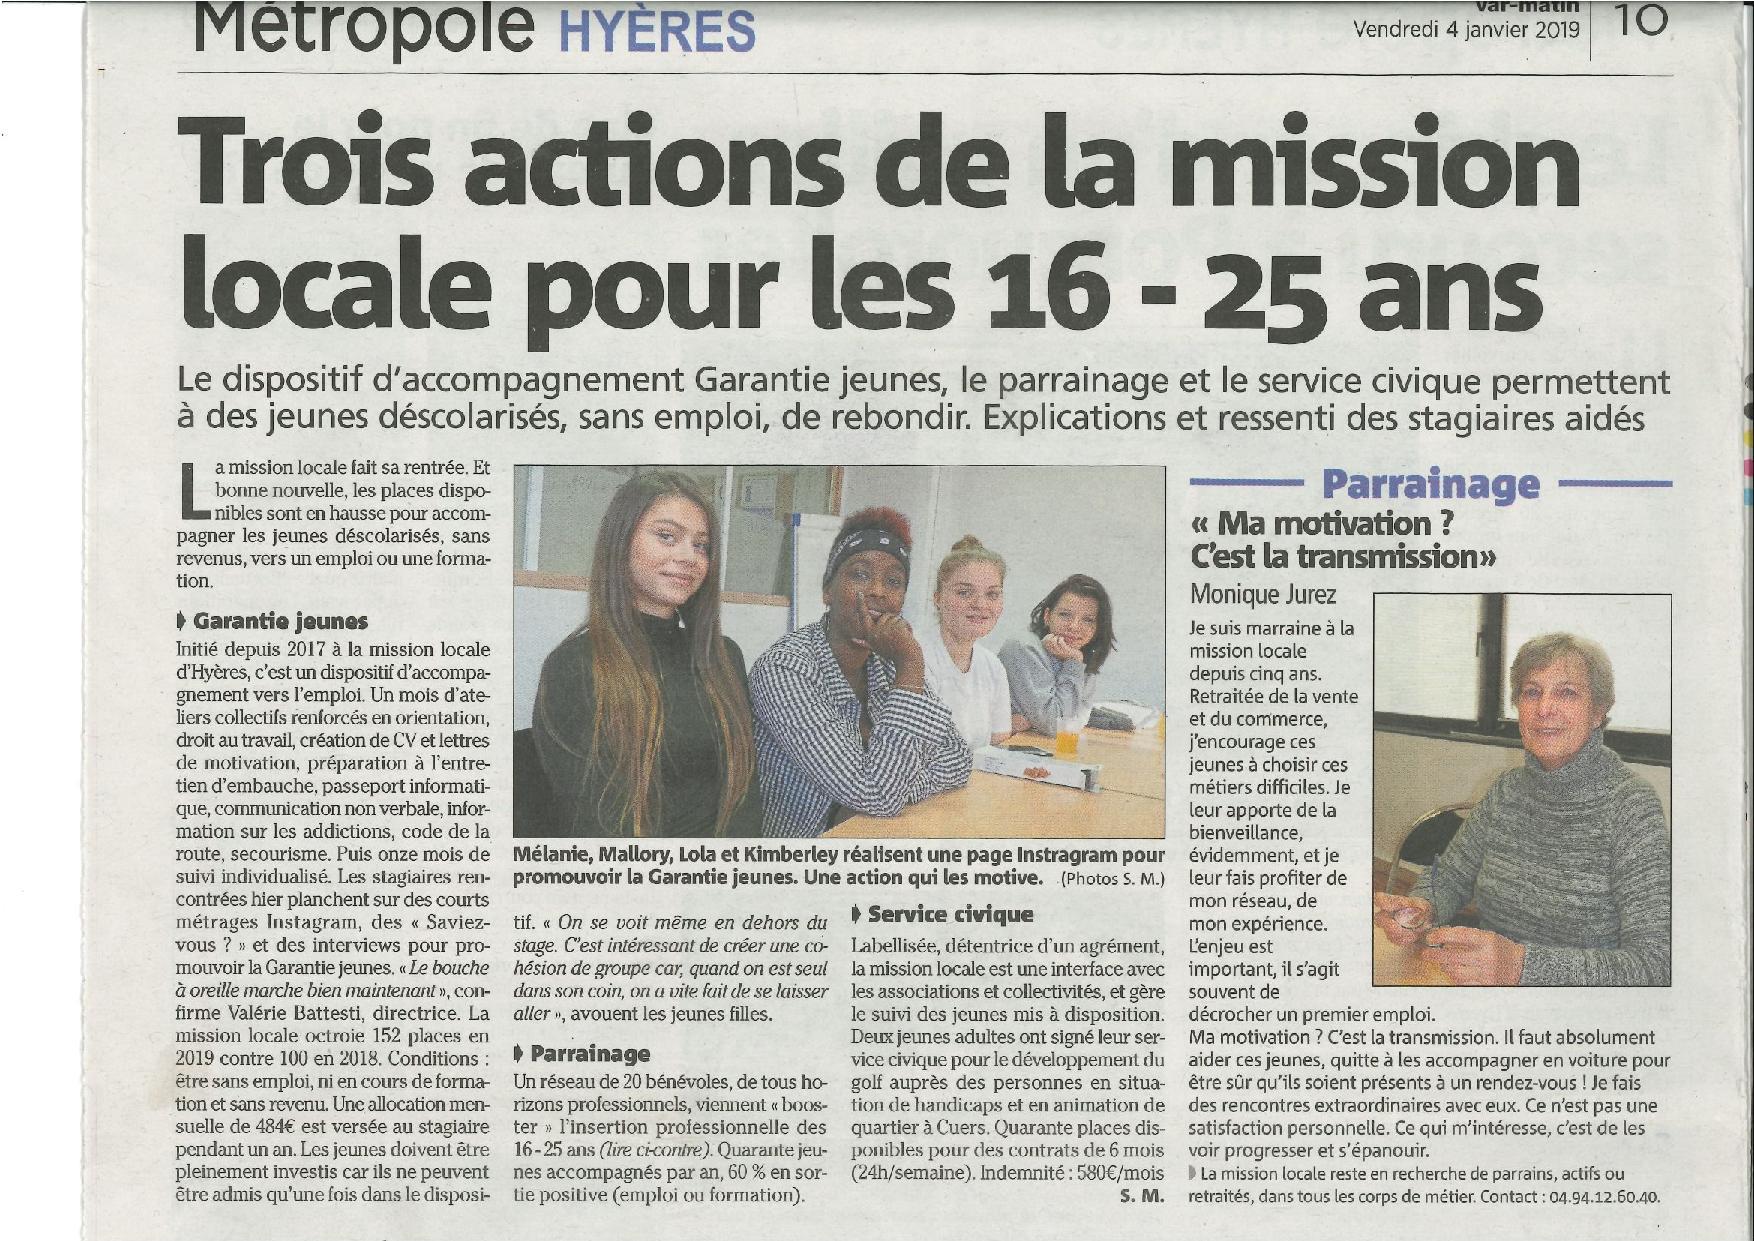 La Mission Locale avec la Garantie Jeunes, le parrainage et le service civique